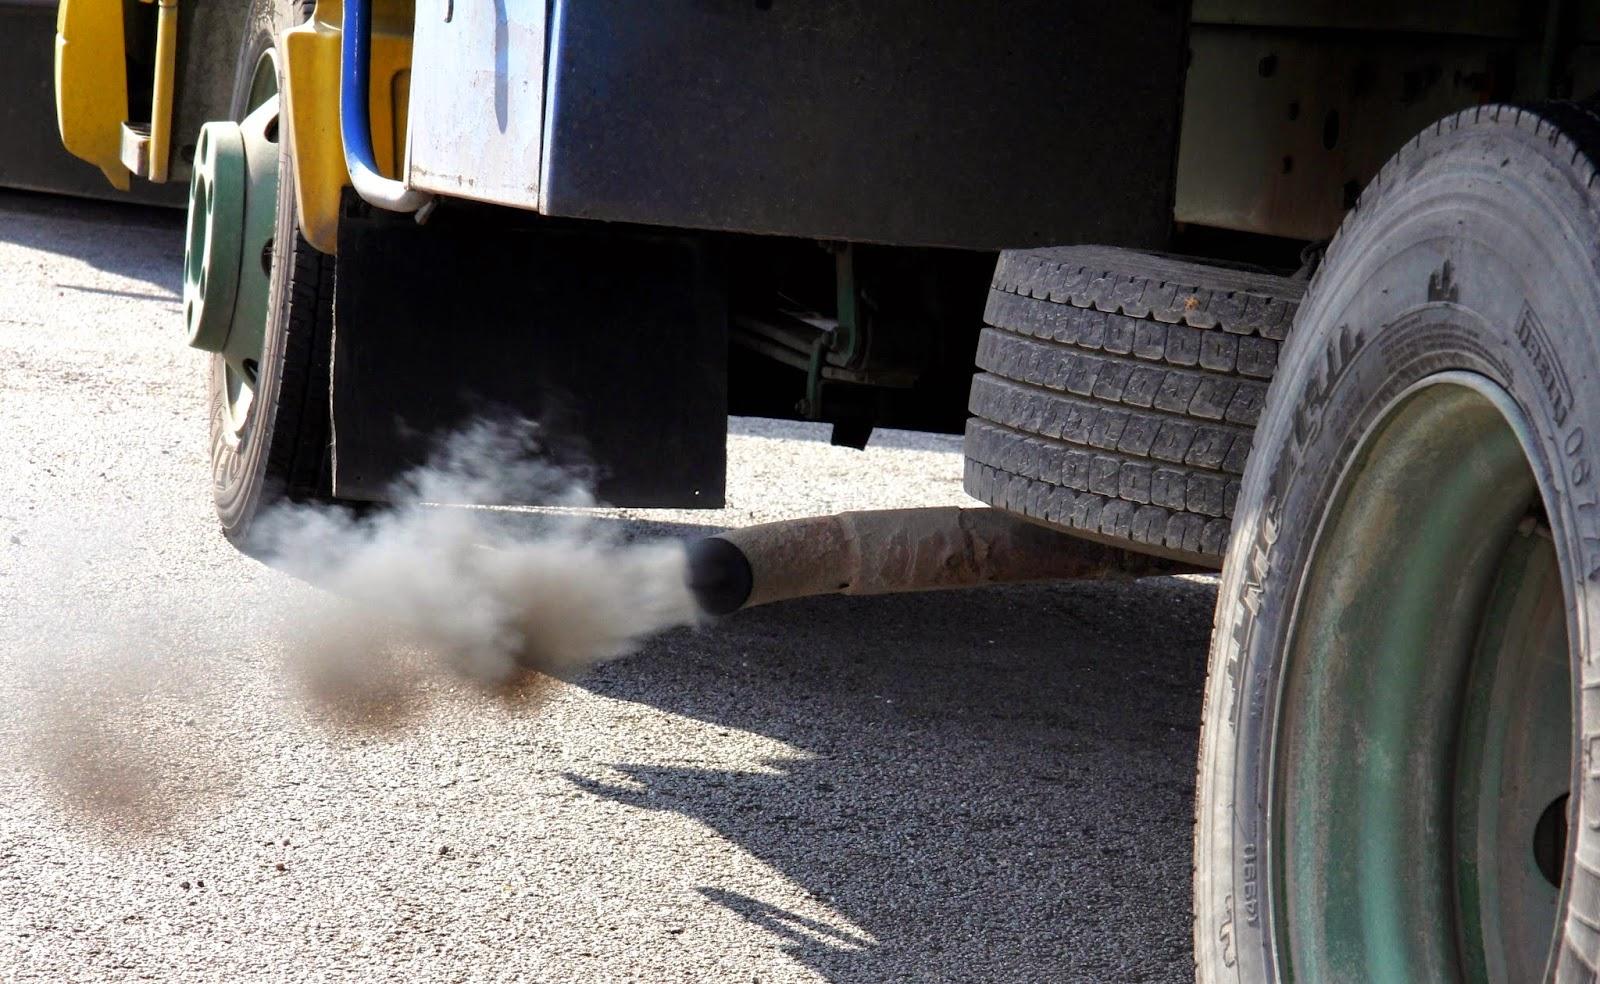 Fraude no Controle de Emissões de  Veículos Diesel Cresce no País